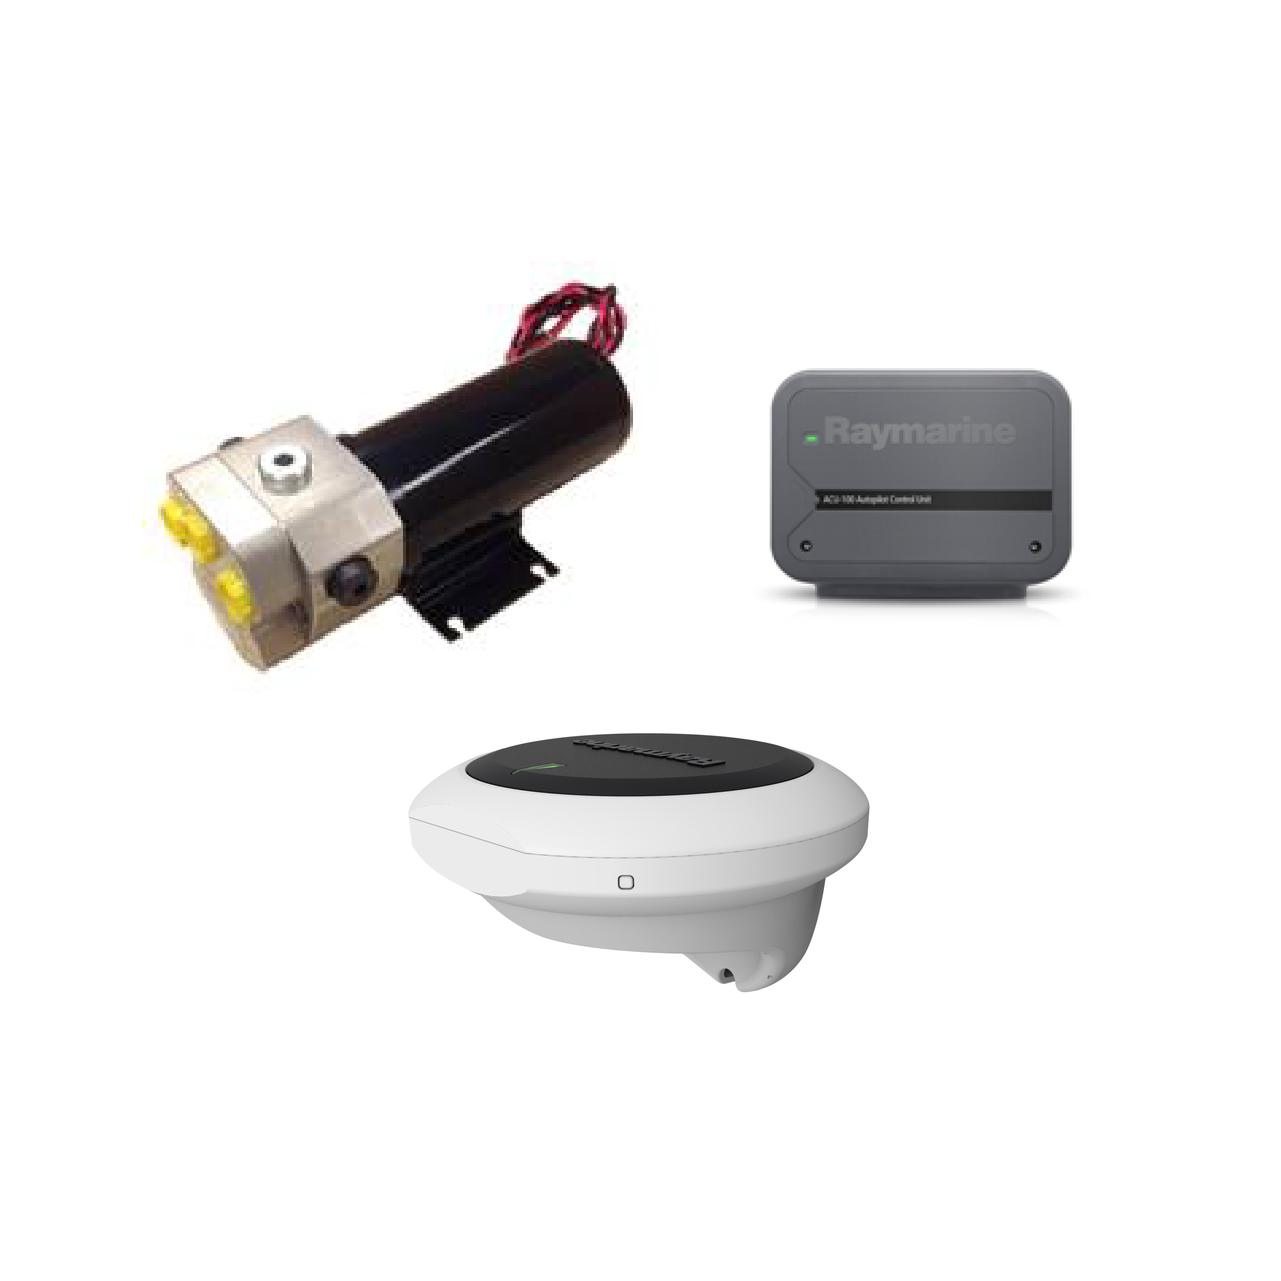 raymarine evolution hydraulic pilot-acu 100 0.5 lhydraulic pump